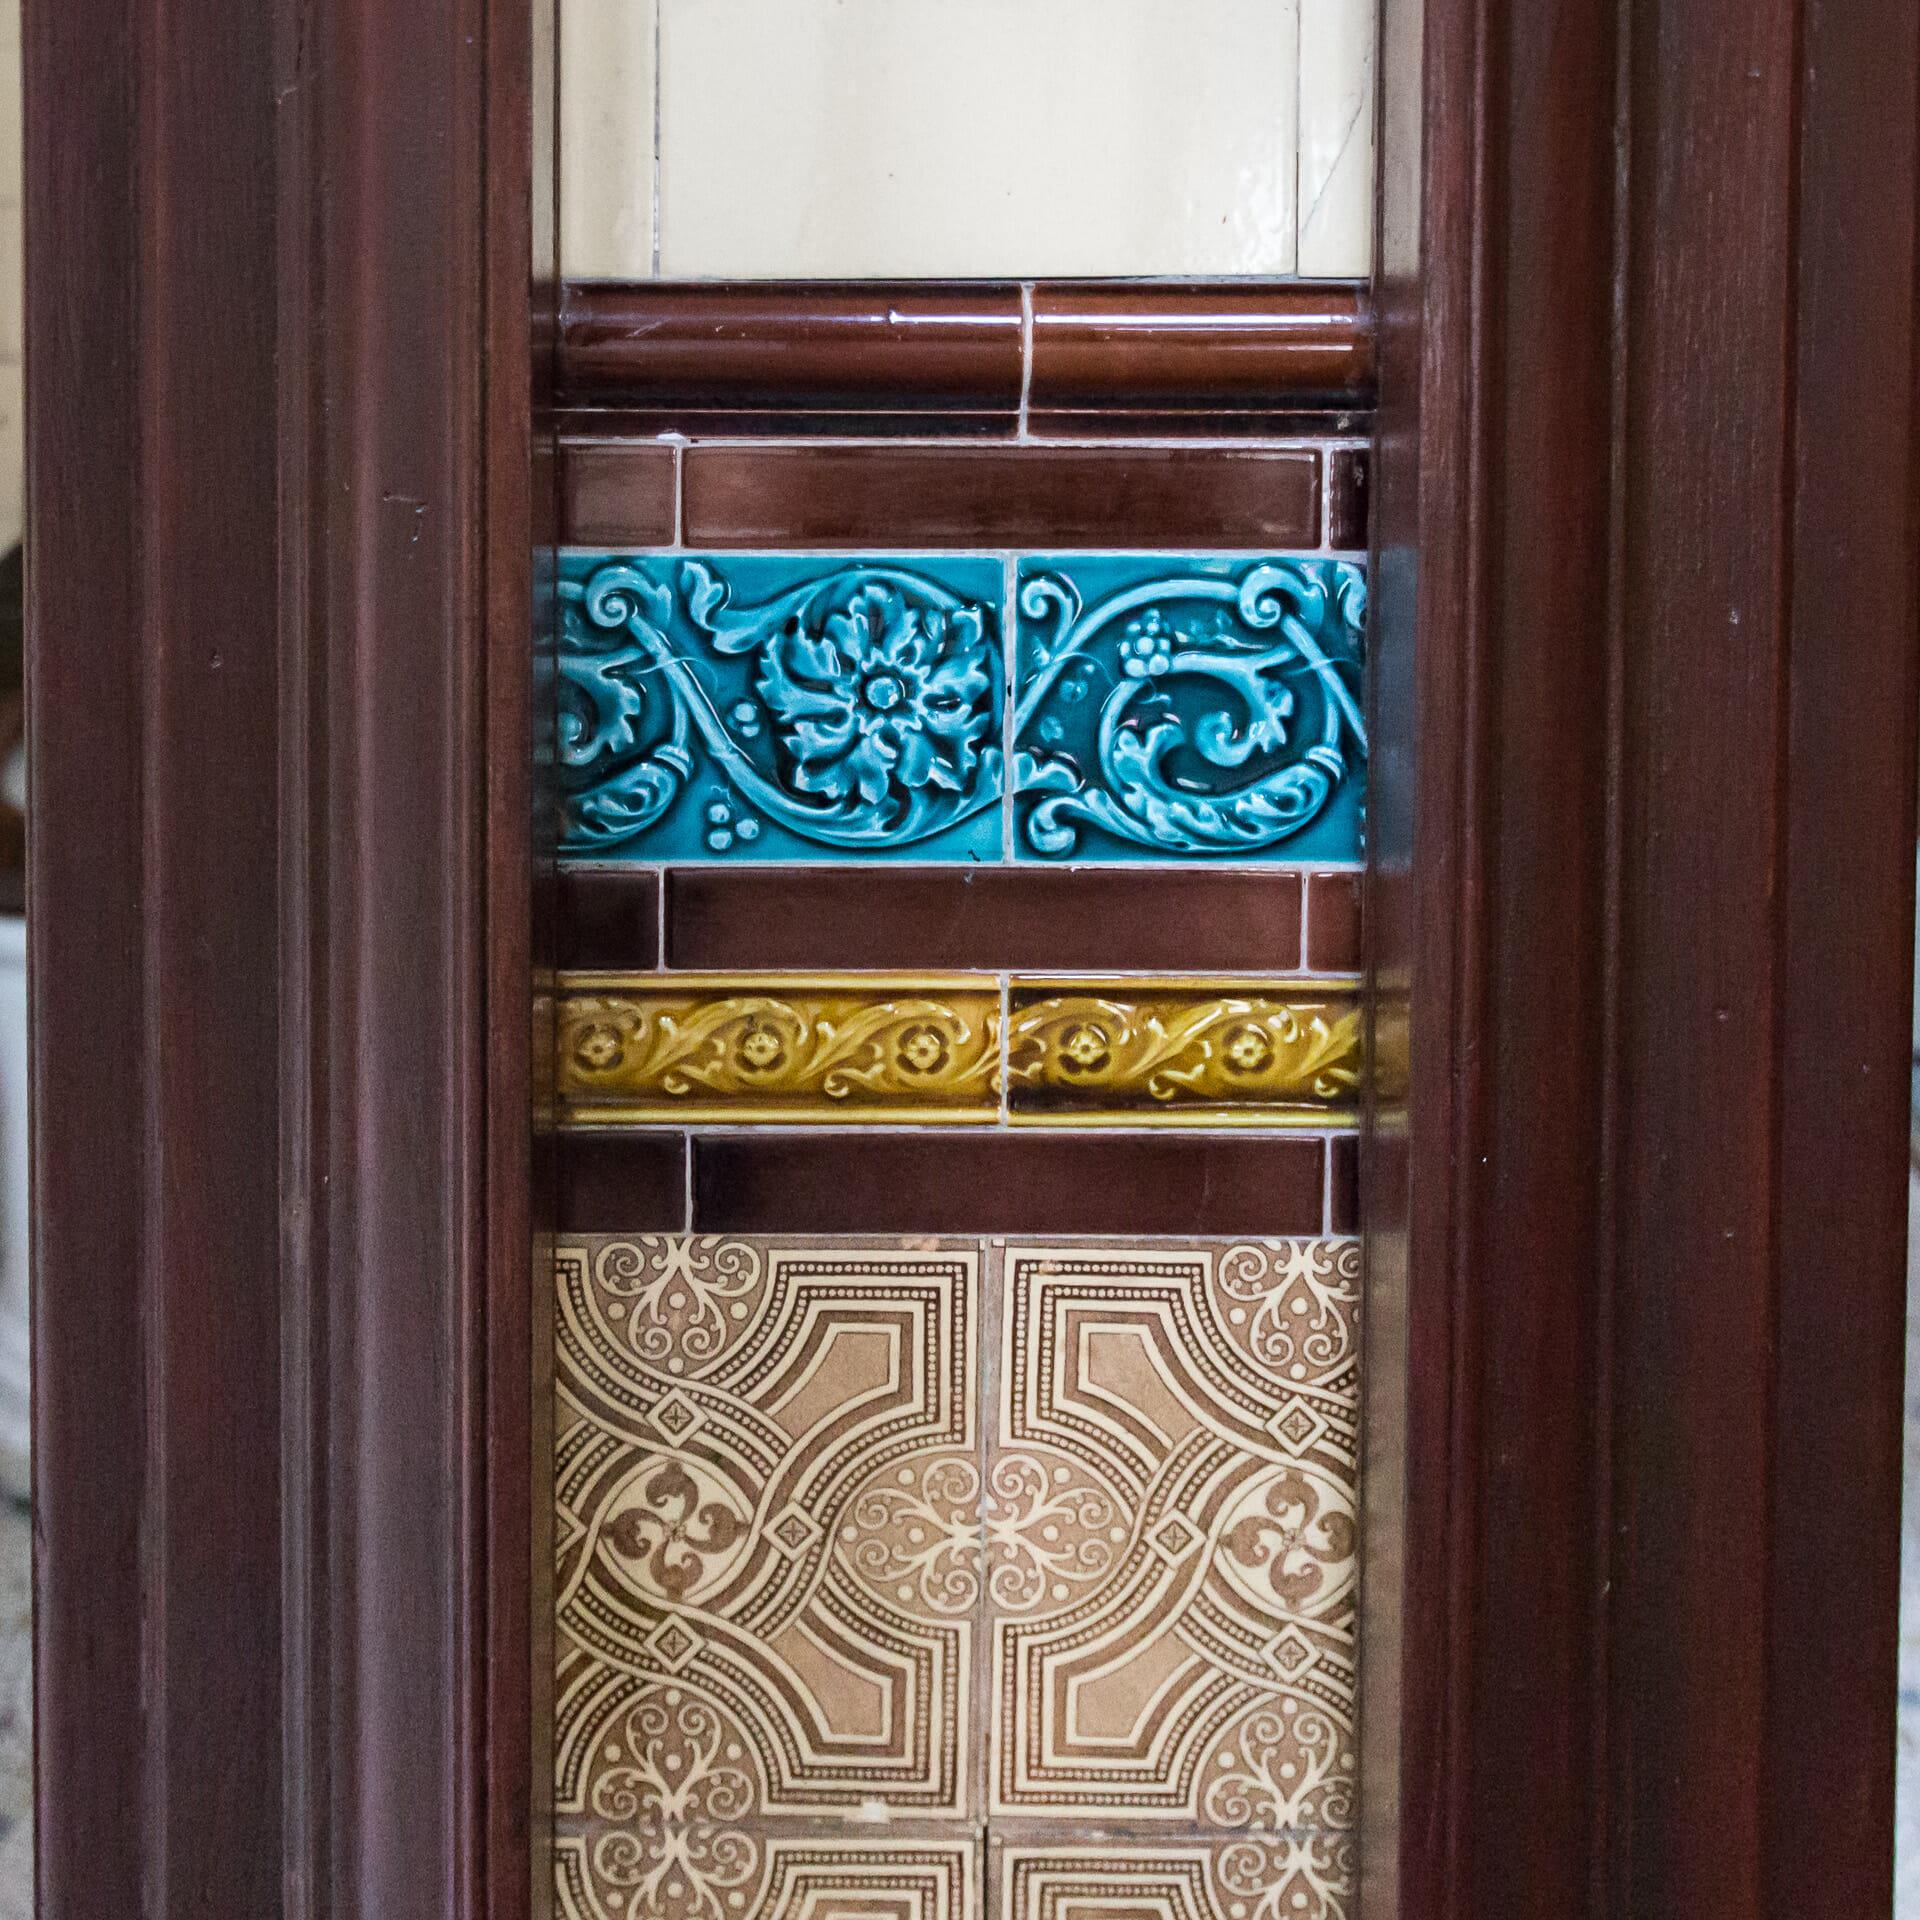 Keramik an den Wänden der Herrentoilette